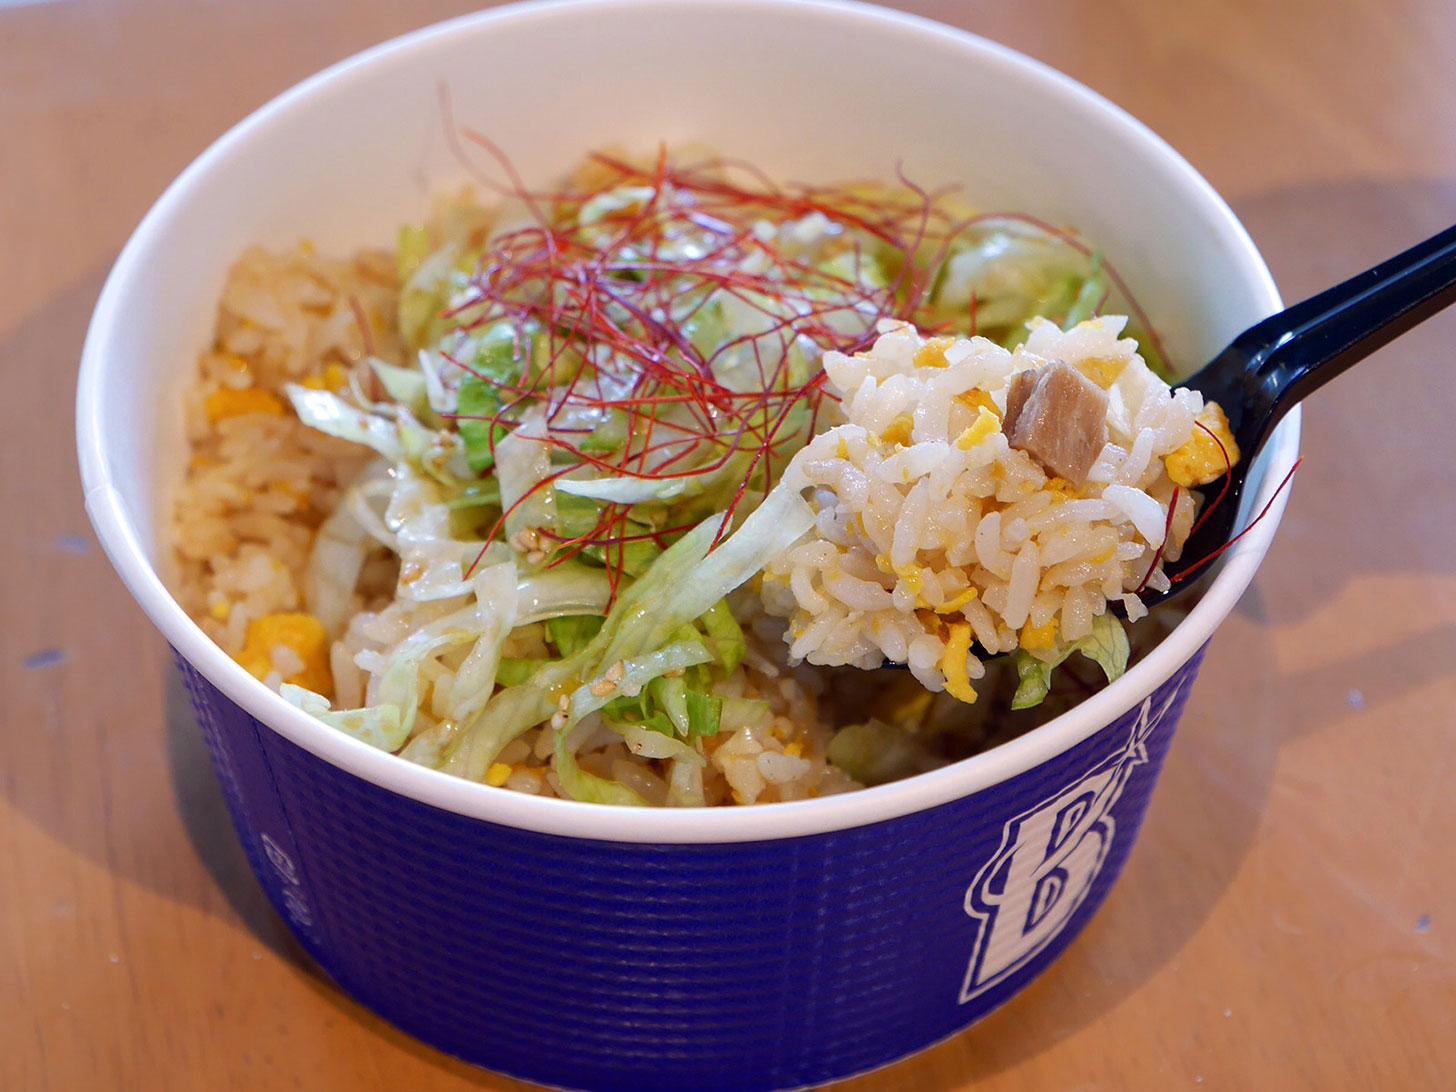 横浜スタジアム「カフェ・ビクトリーコート」今永選手プロデュースメニューを食べてみた!